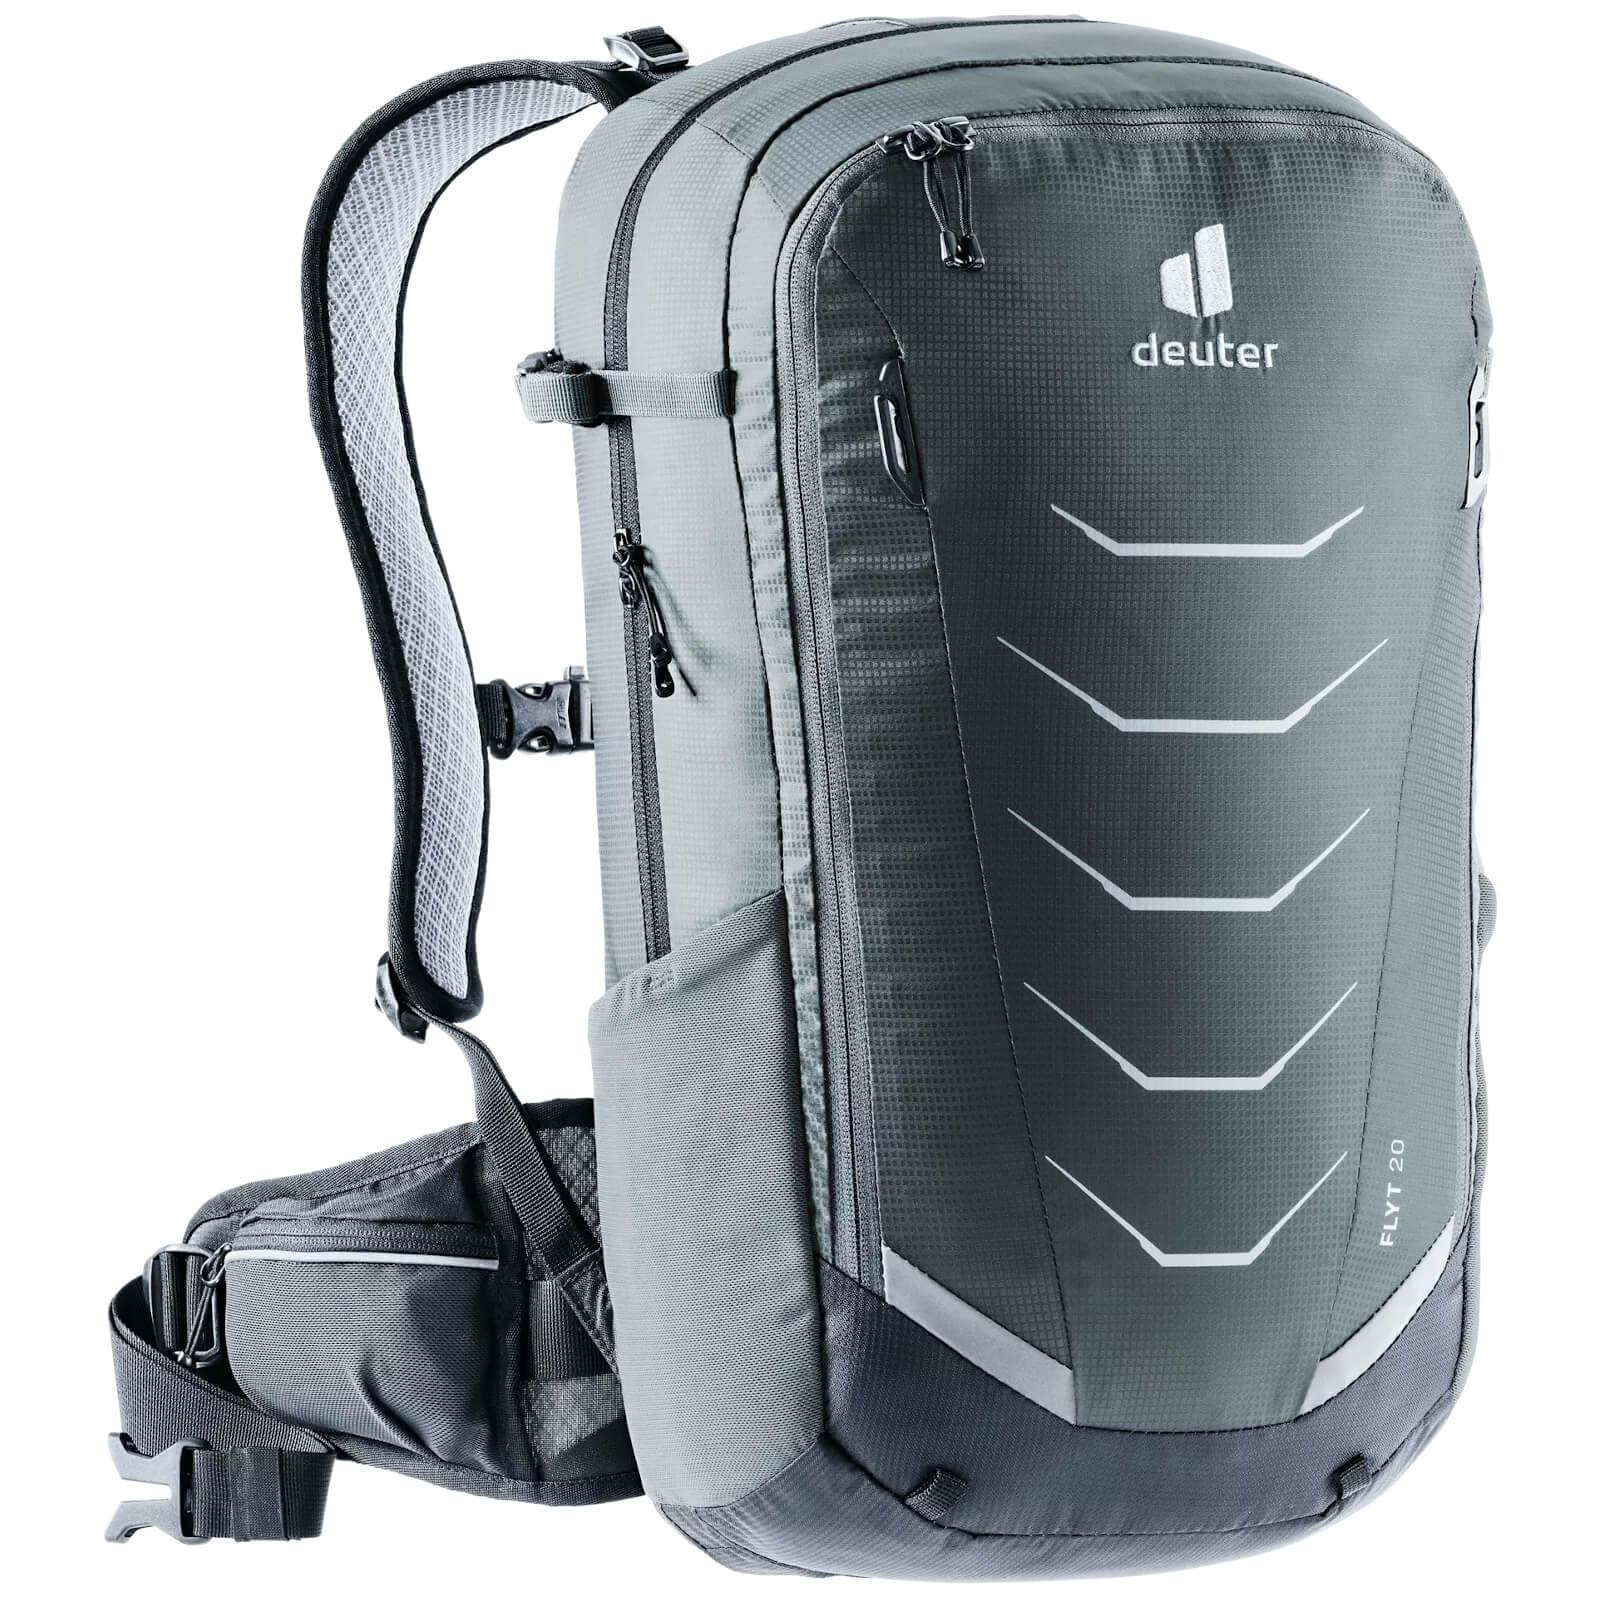 deuter Flyt 20 Backpack - Graphite-Black